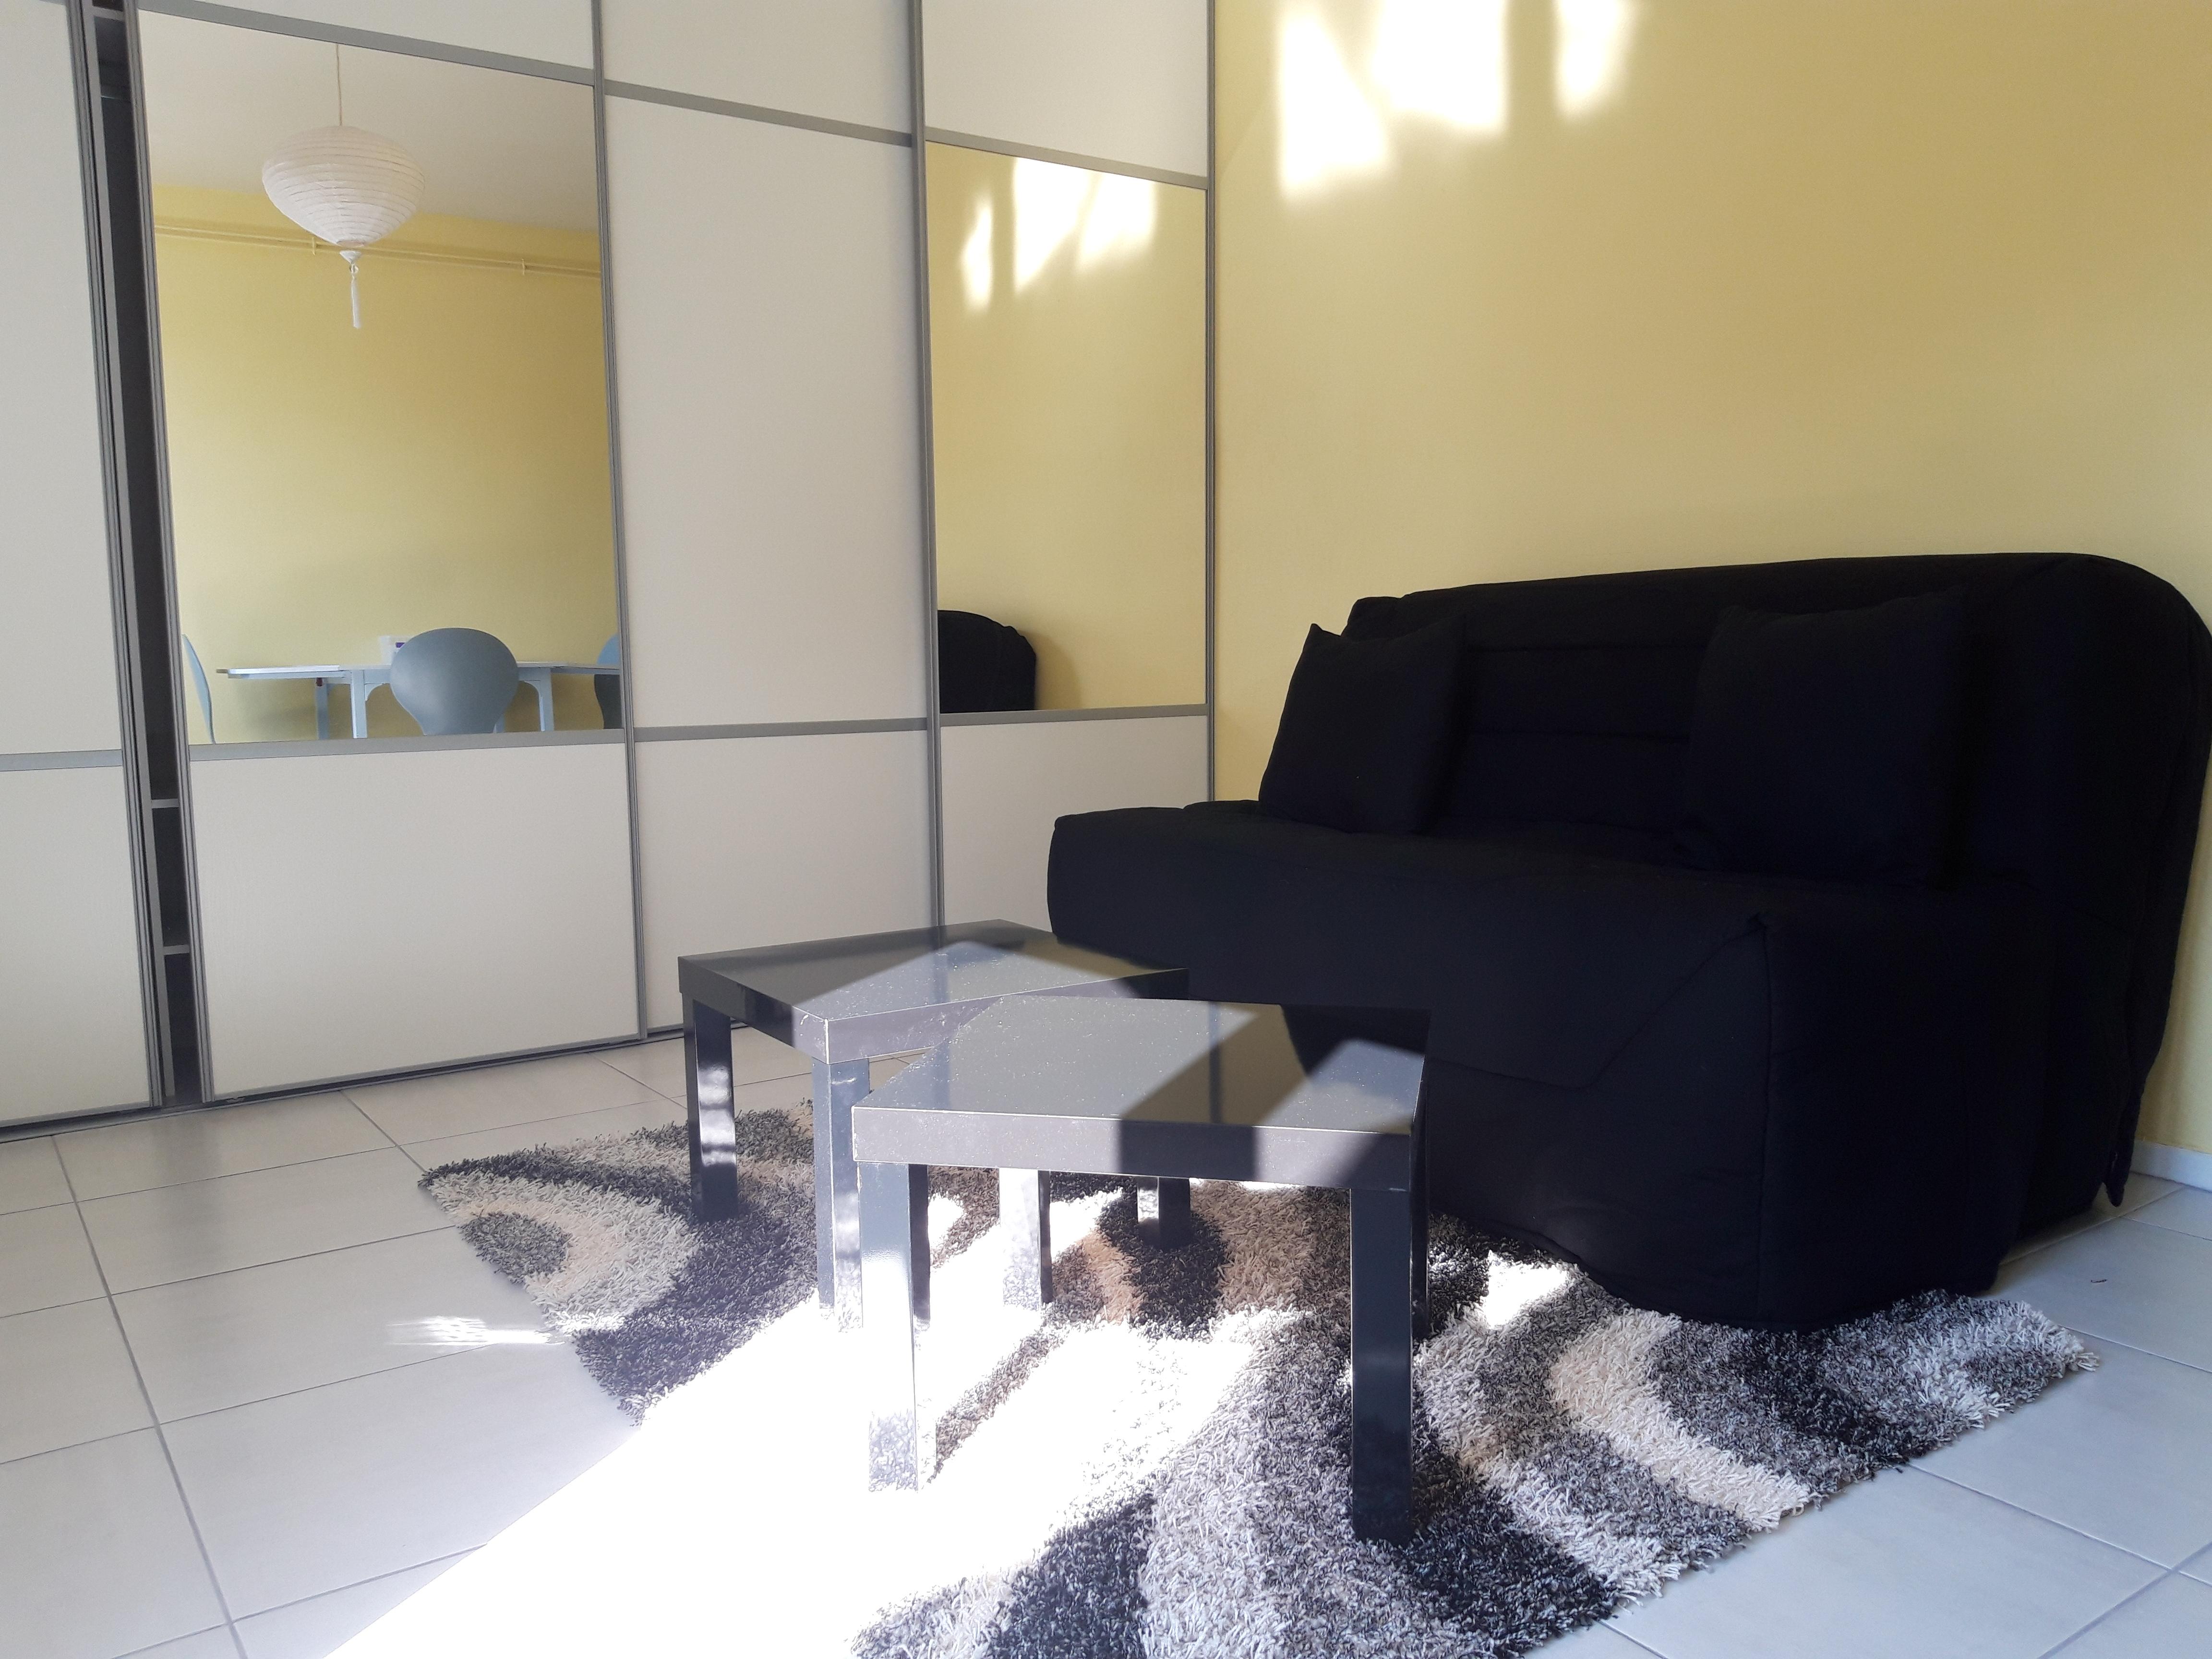 Appartement T1 meublé récemment rénové à louer à FIGEAC